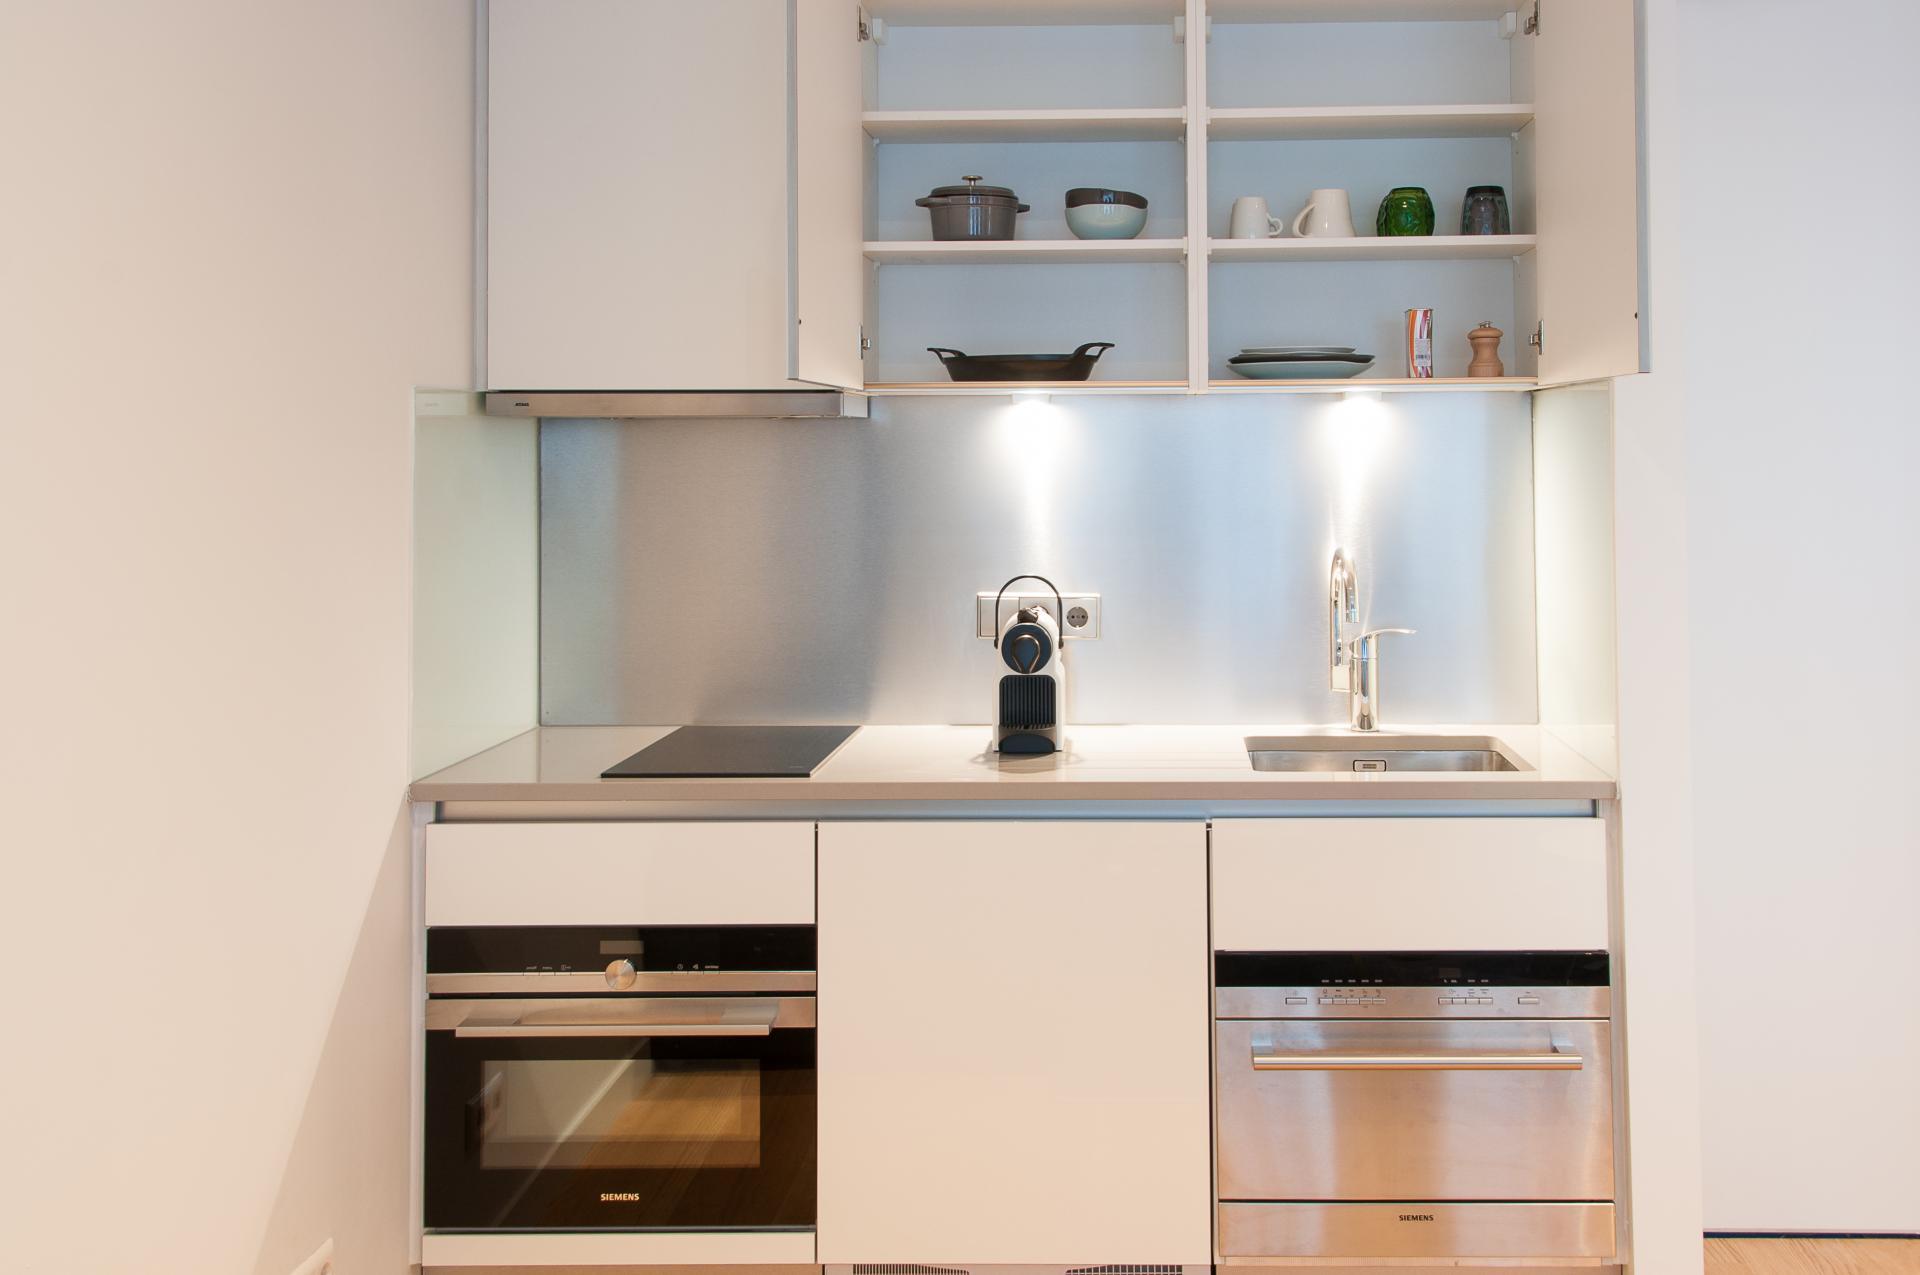 Kitchen at Premier Suites Plus Rotterdam - Citybase Apartments